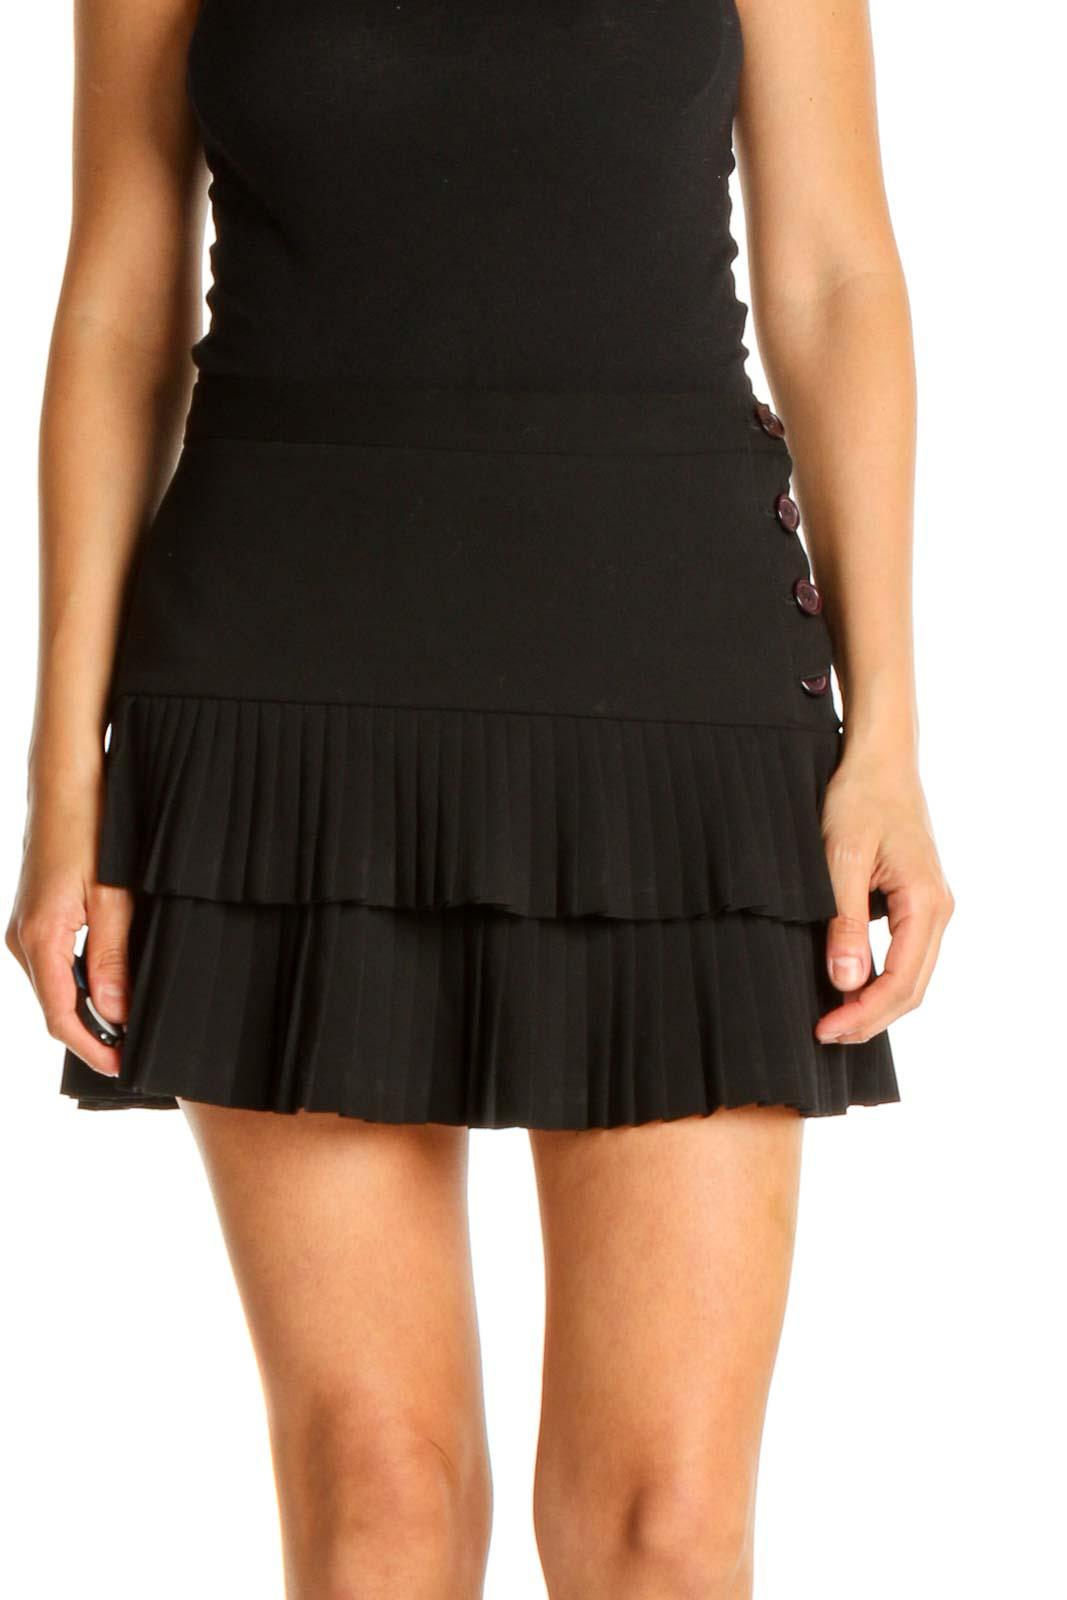 Black Chic Mini Skirt Front